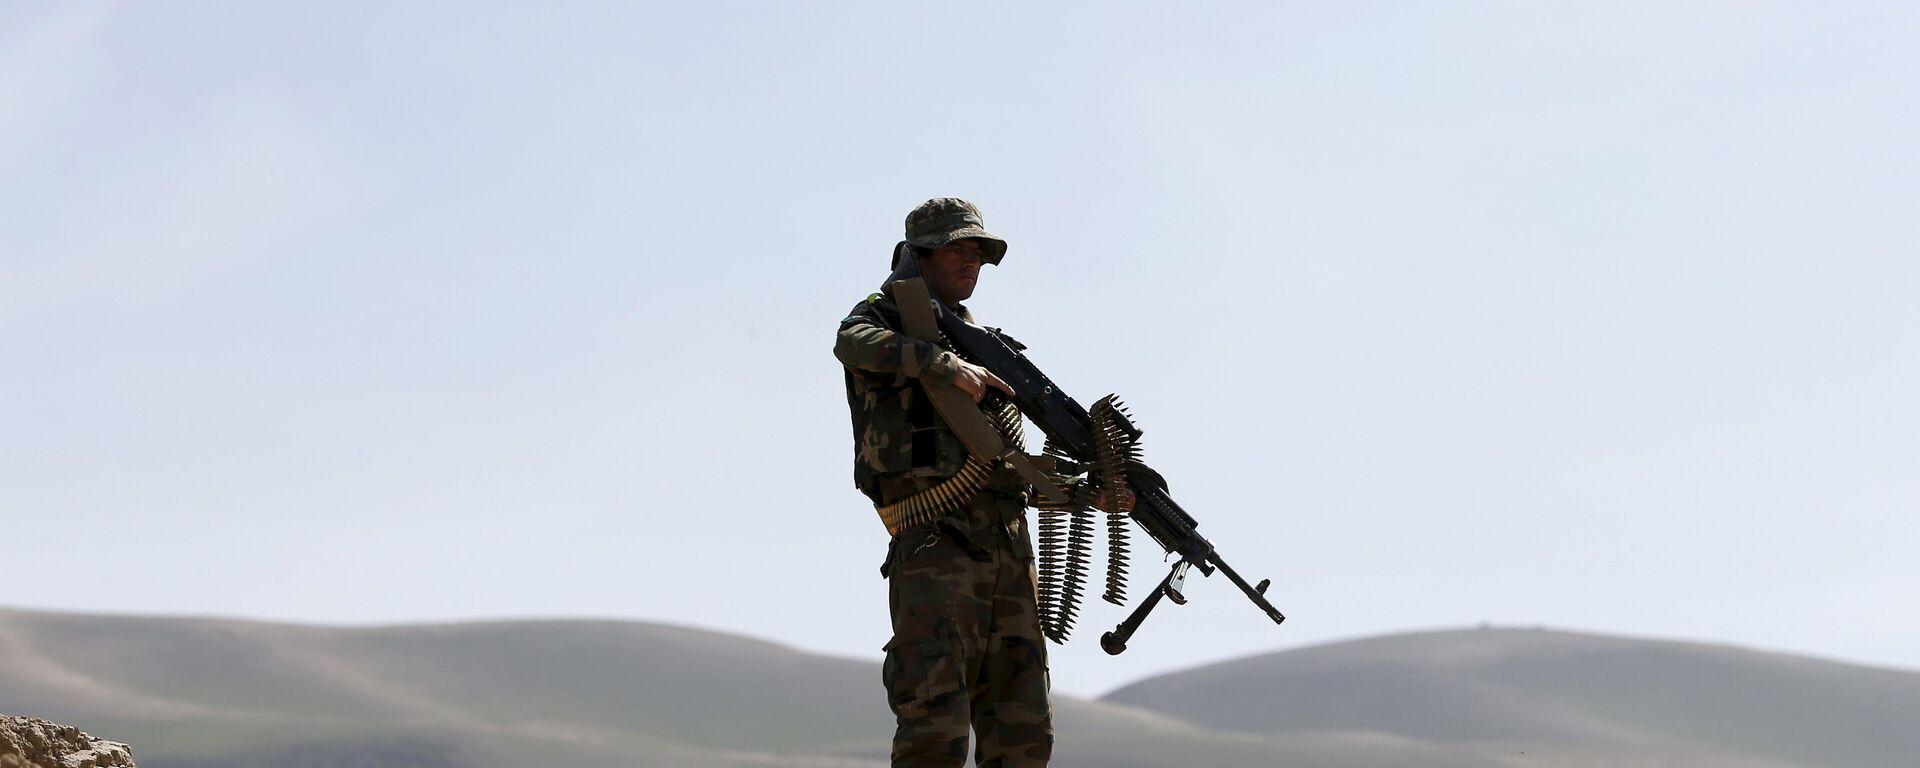 El soldado del Ejército afgano patrulla Dand Ghori, el distrito de Baglan - Sputnik Mundo, 1920, 05.08.2021